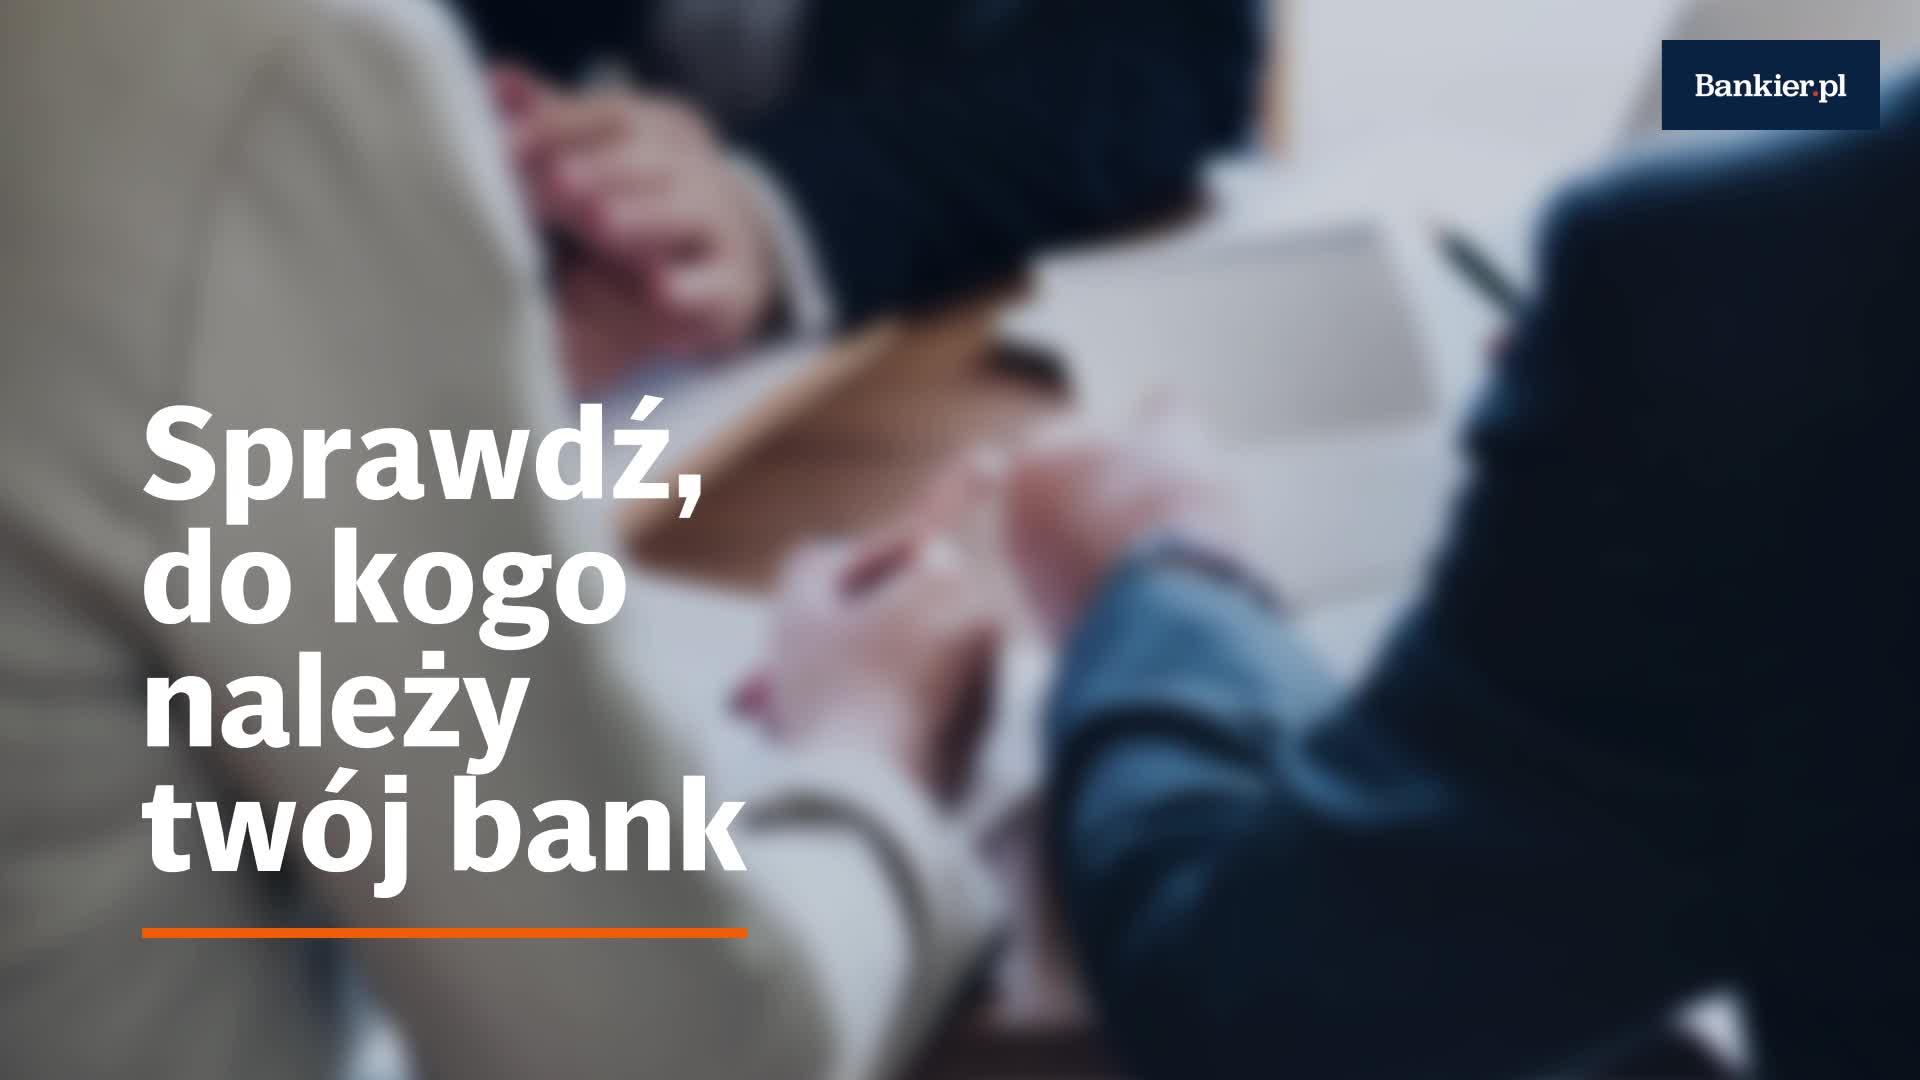 Sprawdź, do kogo należy twój bank